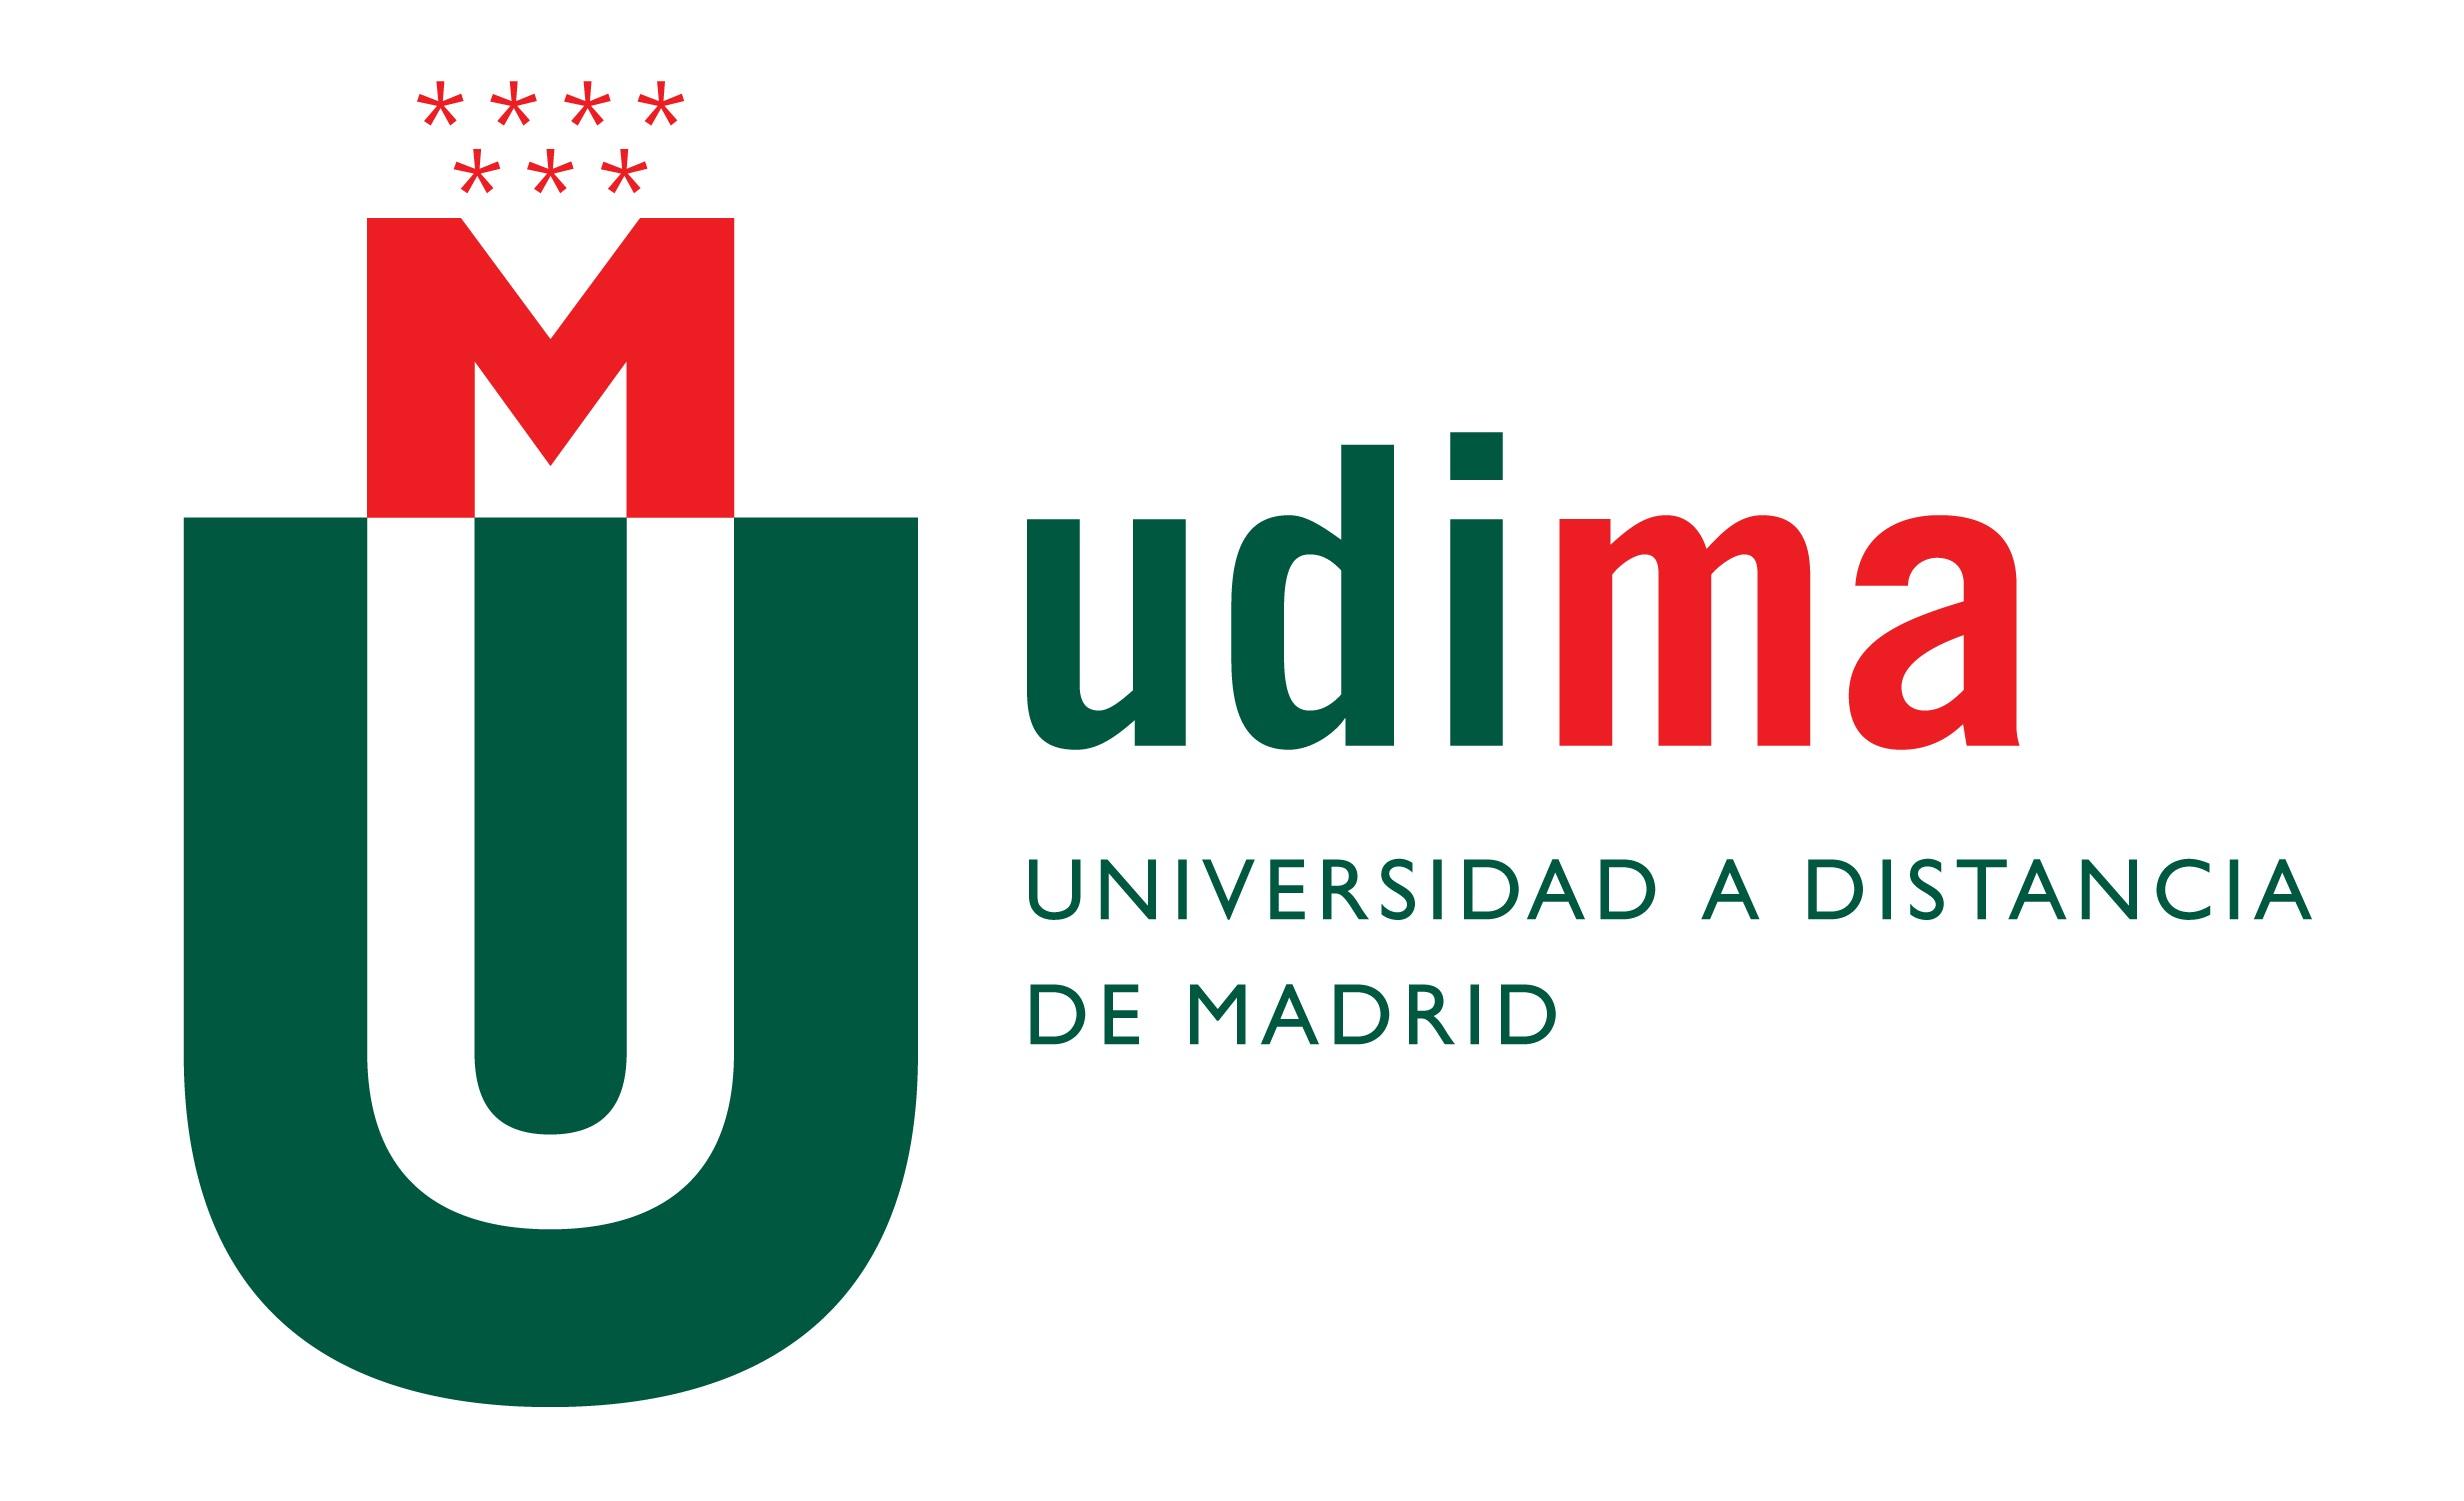 Universidade à Distância de Madrid (UDIMA)